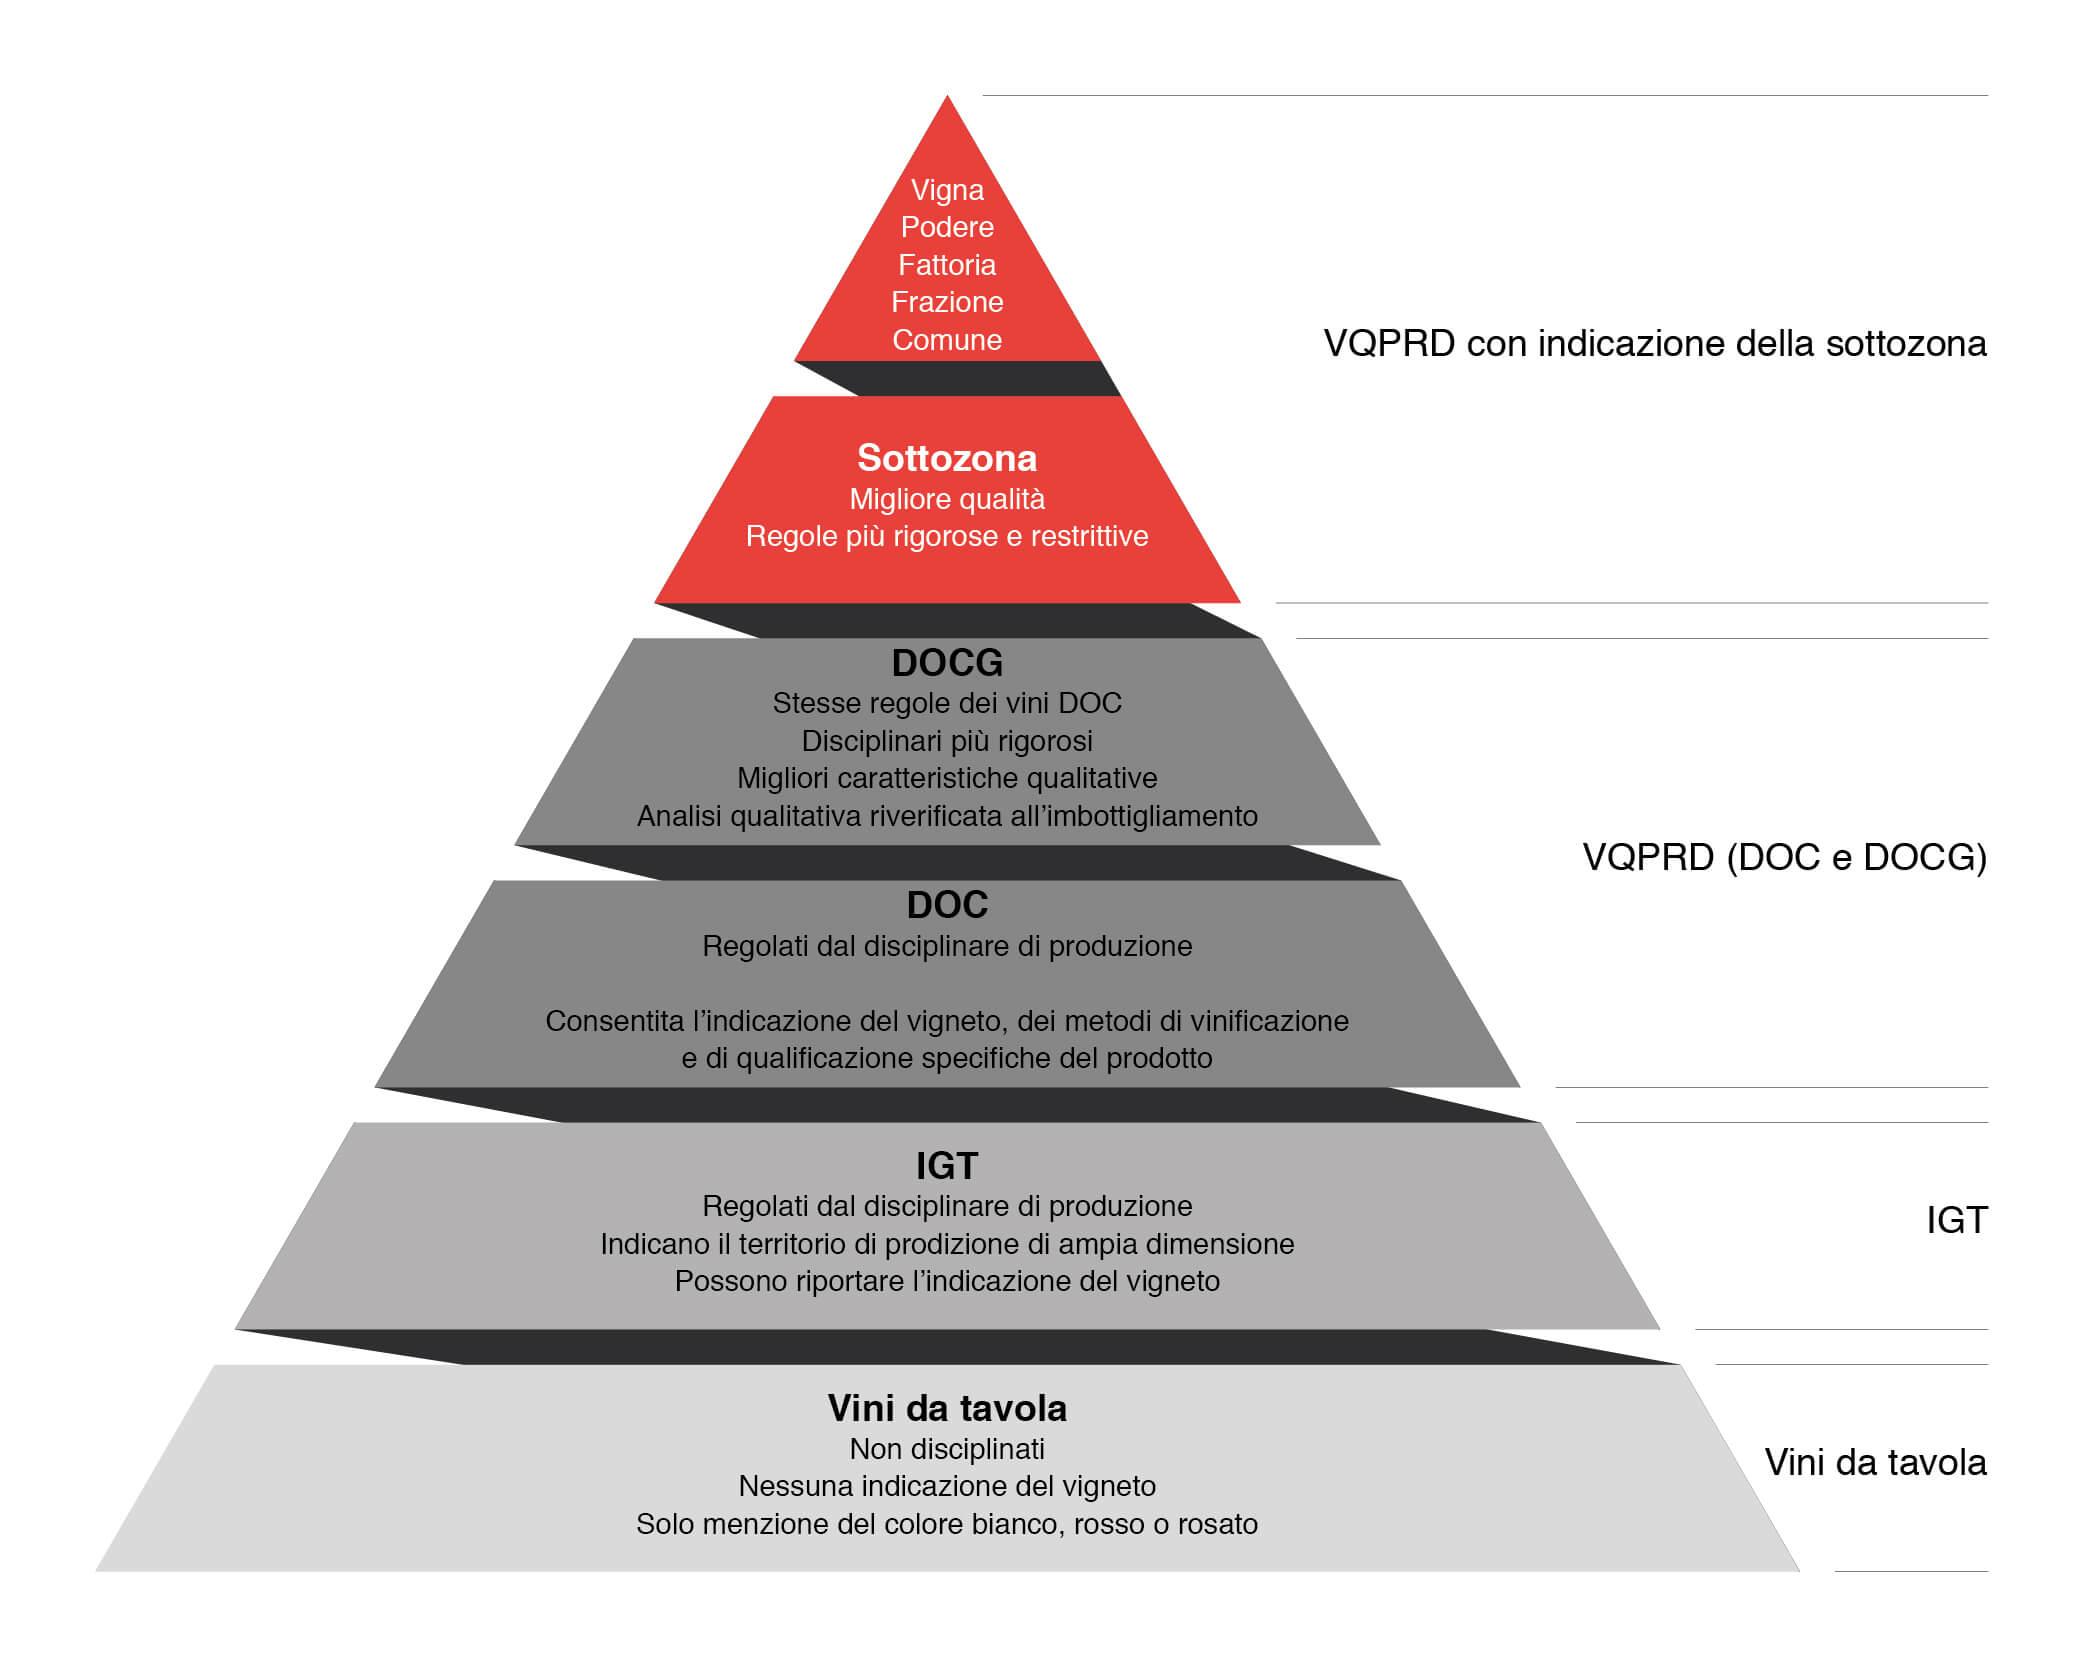 La gerarchia delle denominazioni protette in una infografica riassuntiva